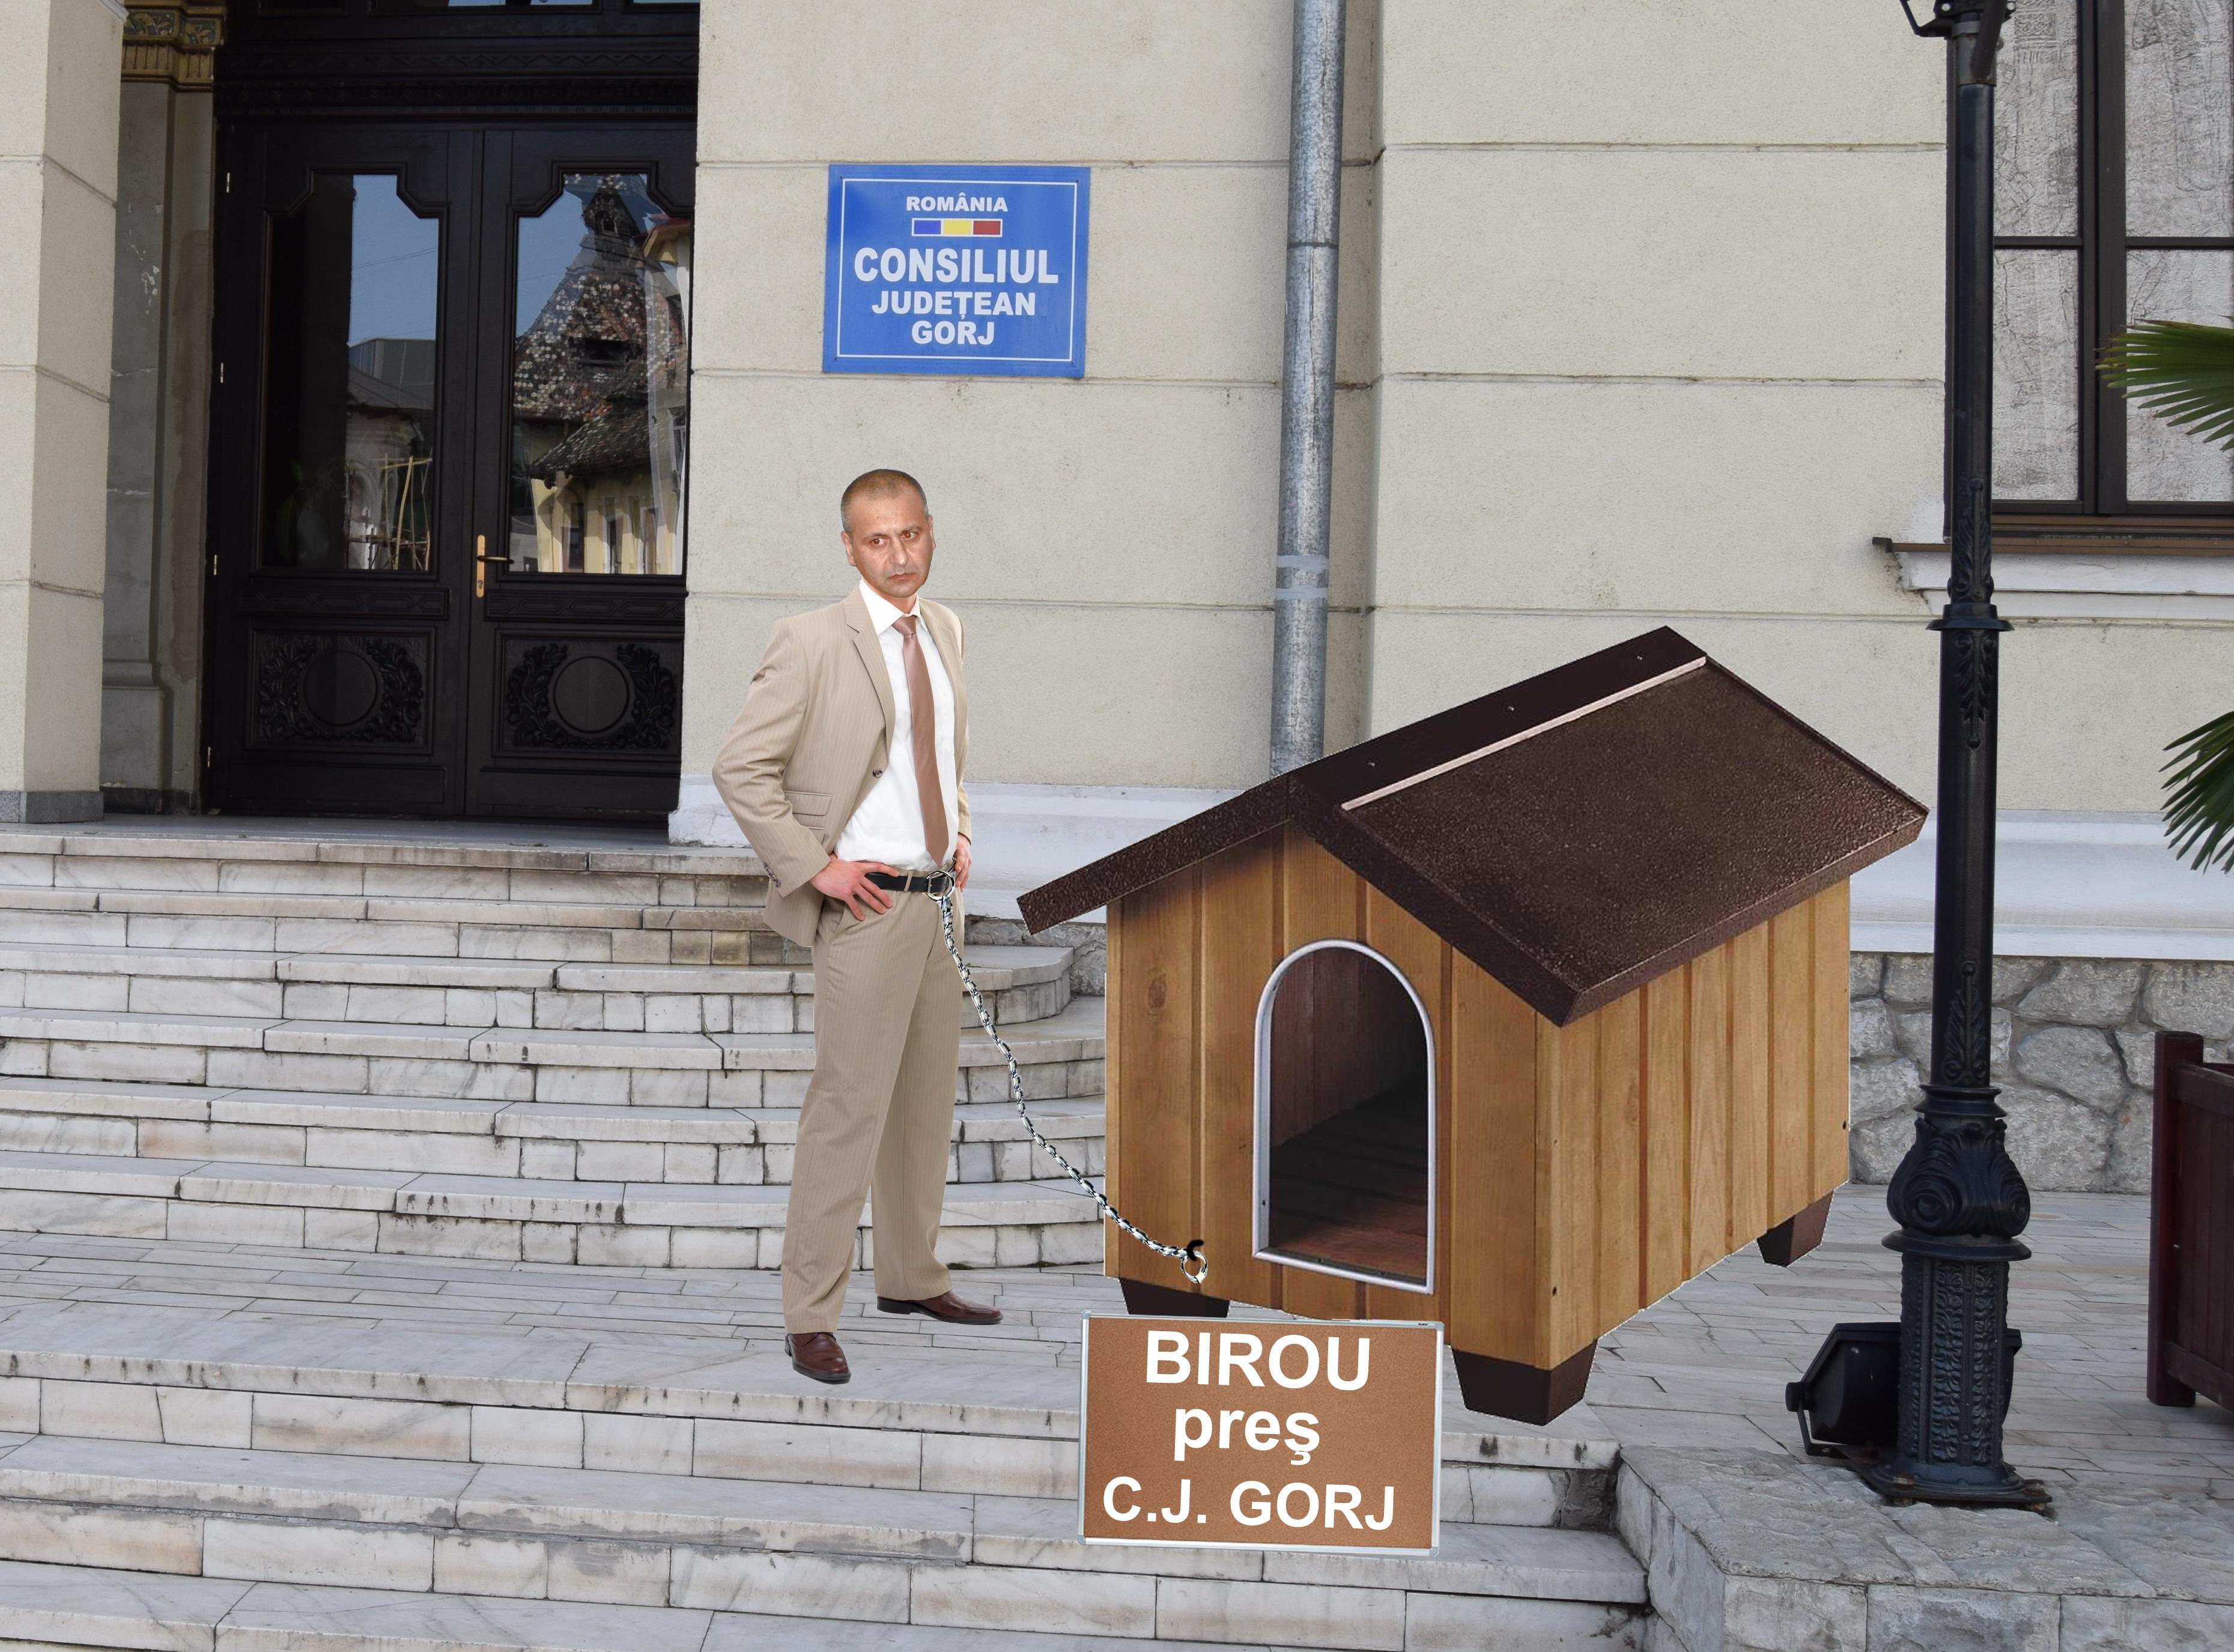 biroul lui cosmin popescu